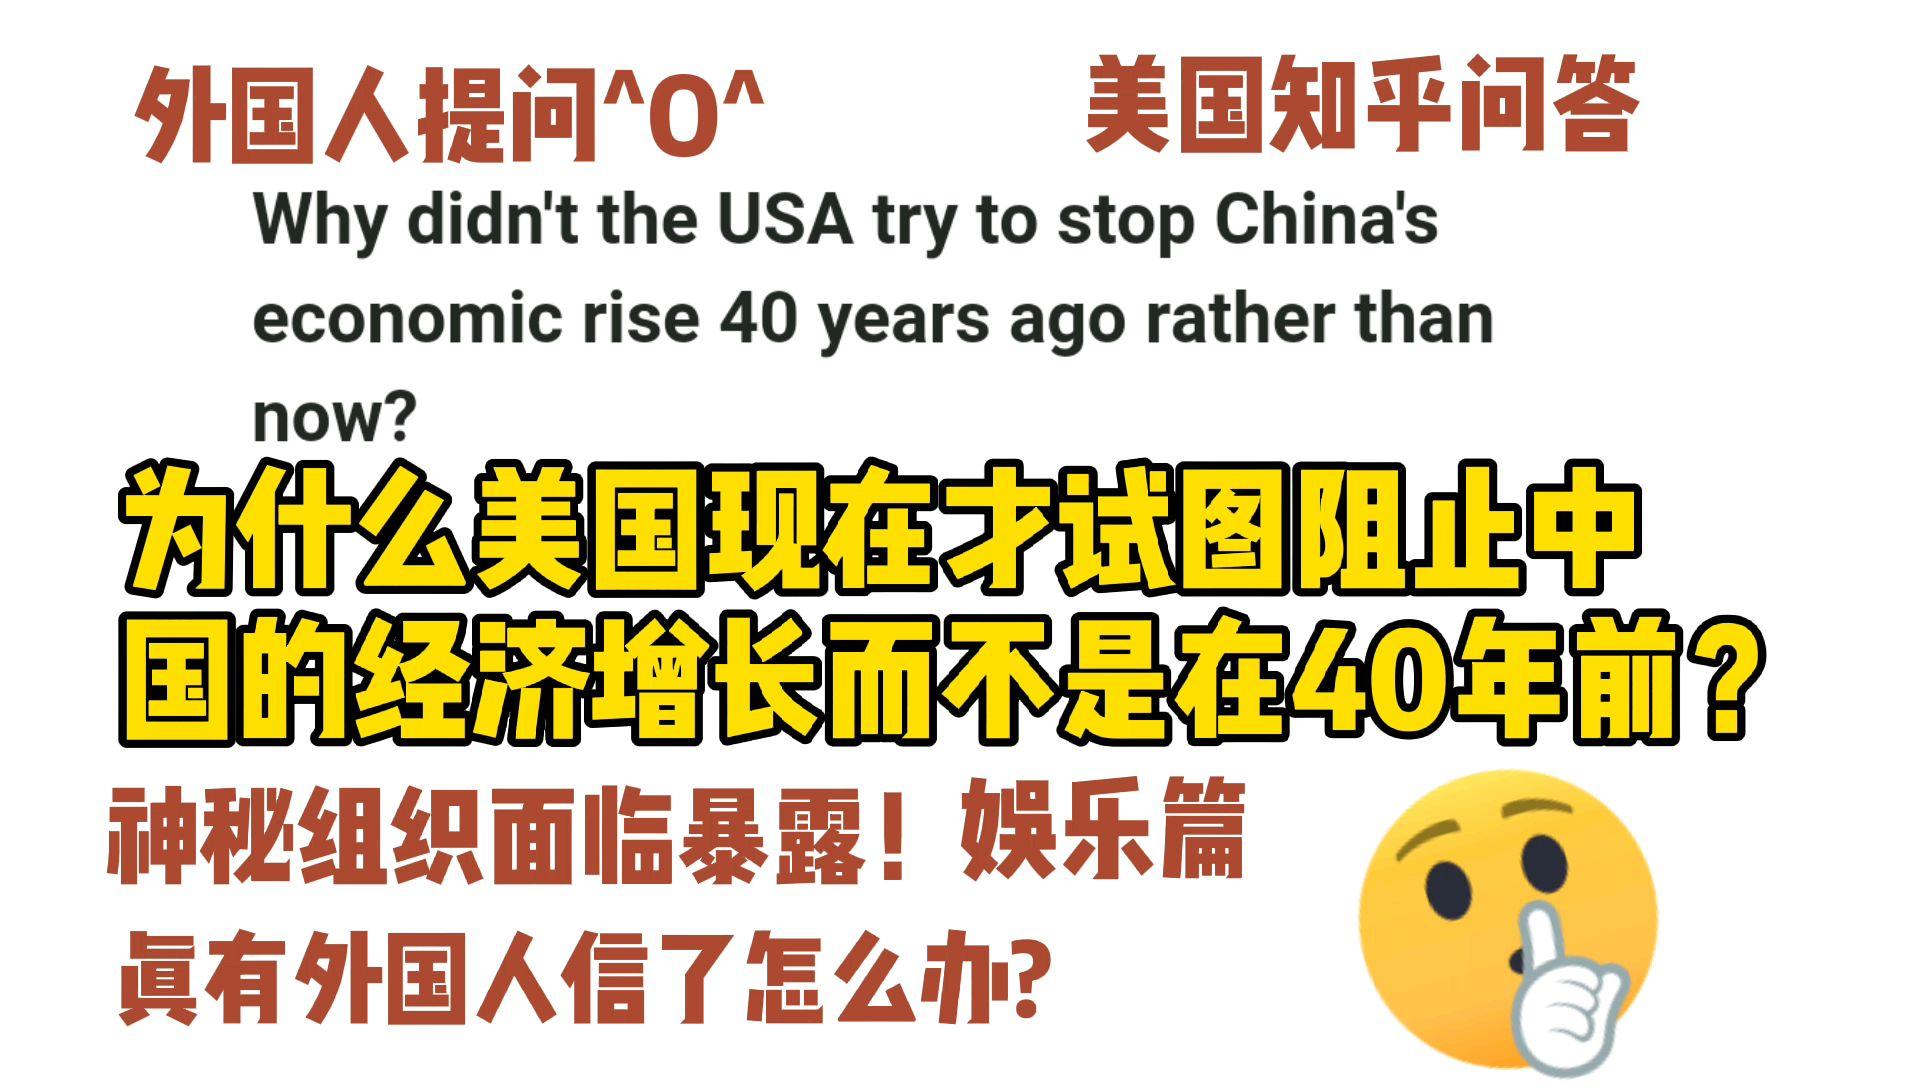 美国知乎,为什么美国现在才试图阻止中国的经济增长而不是在40年前?